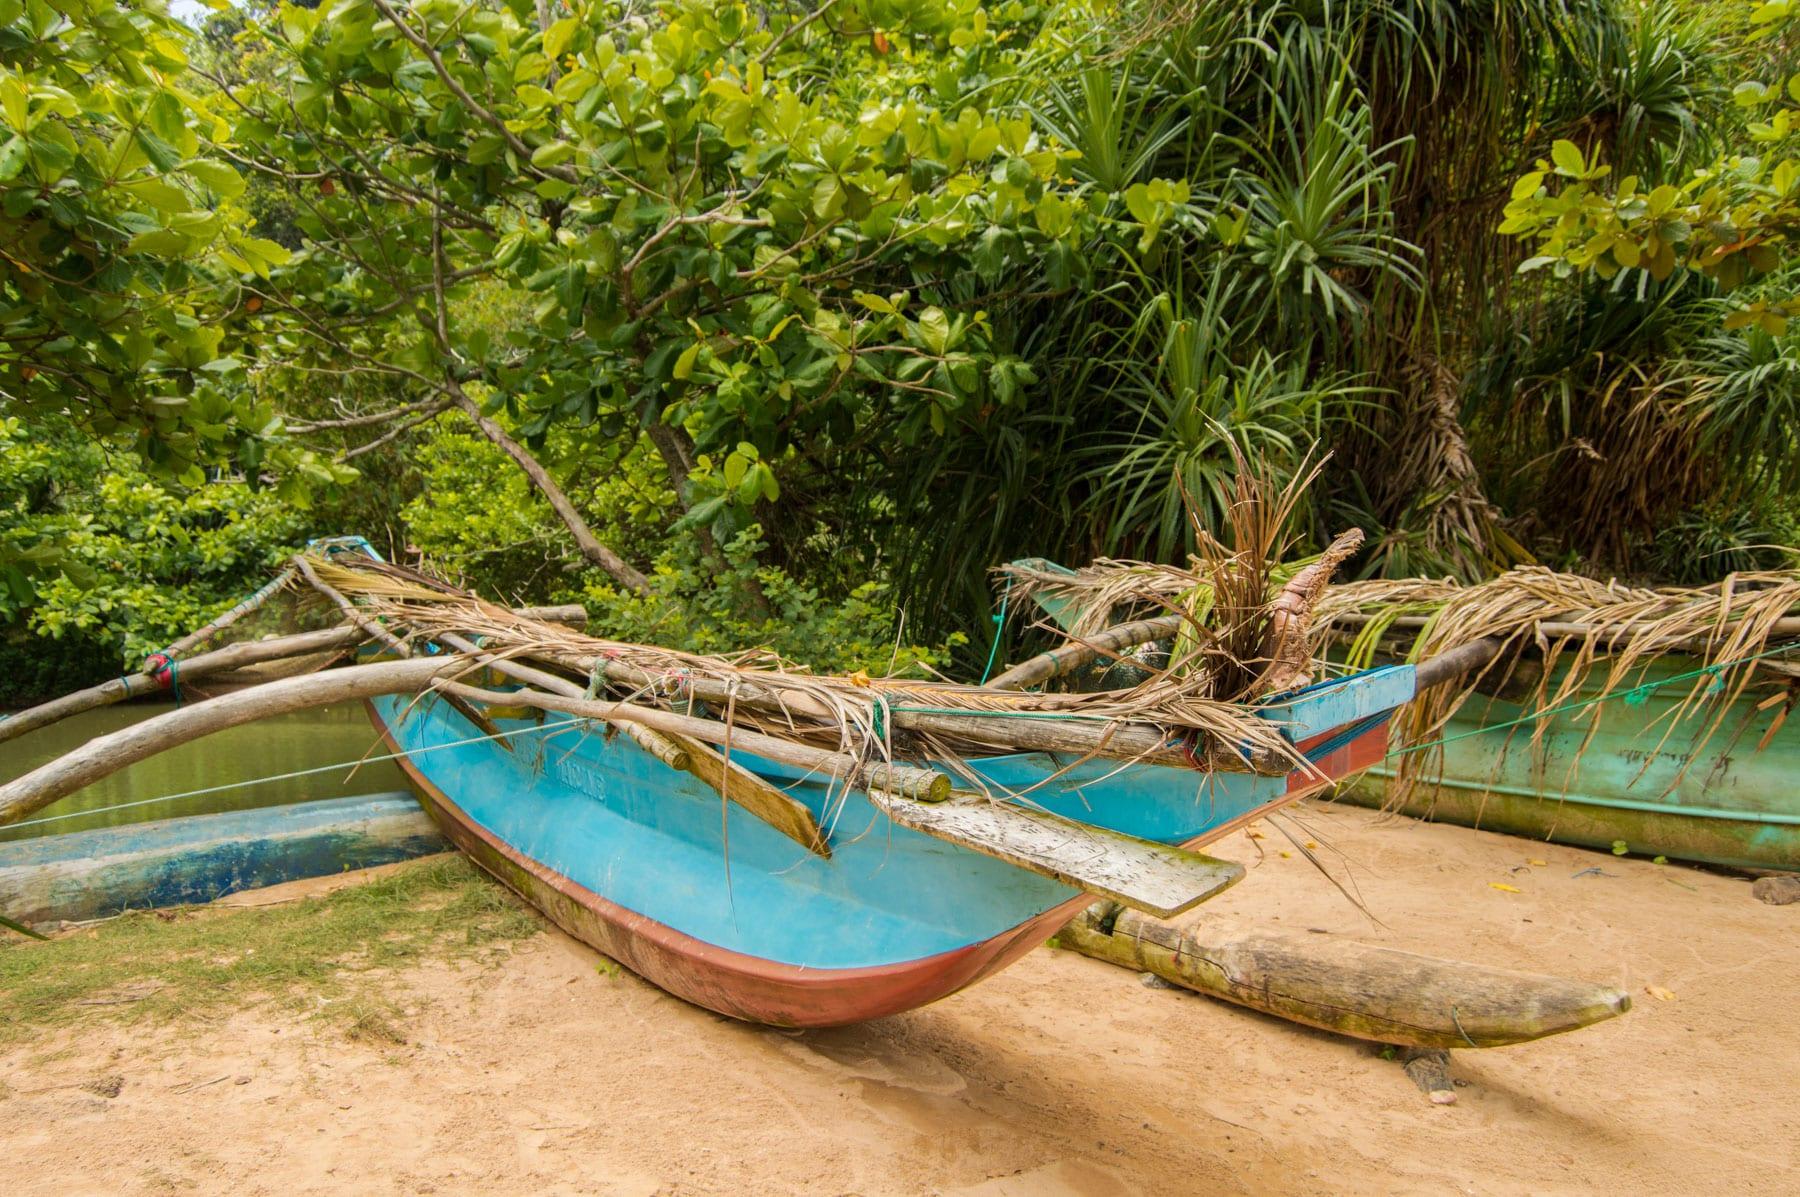 Jungle Beach as a calmer Sri Lanka beaches option!